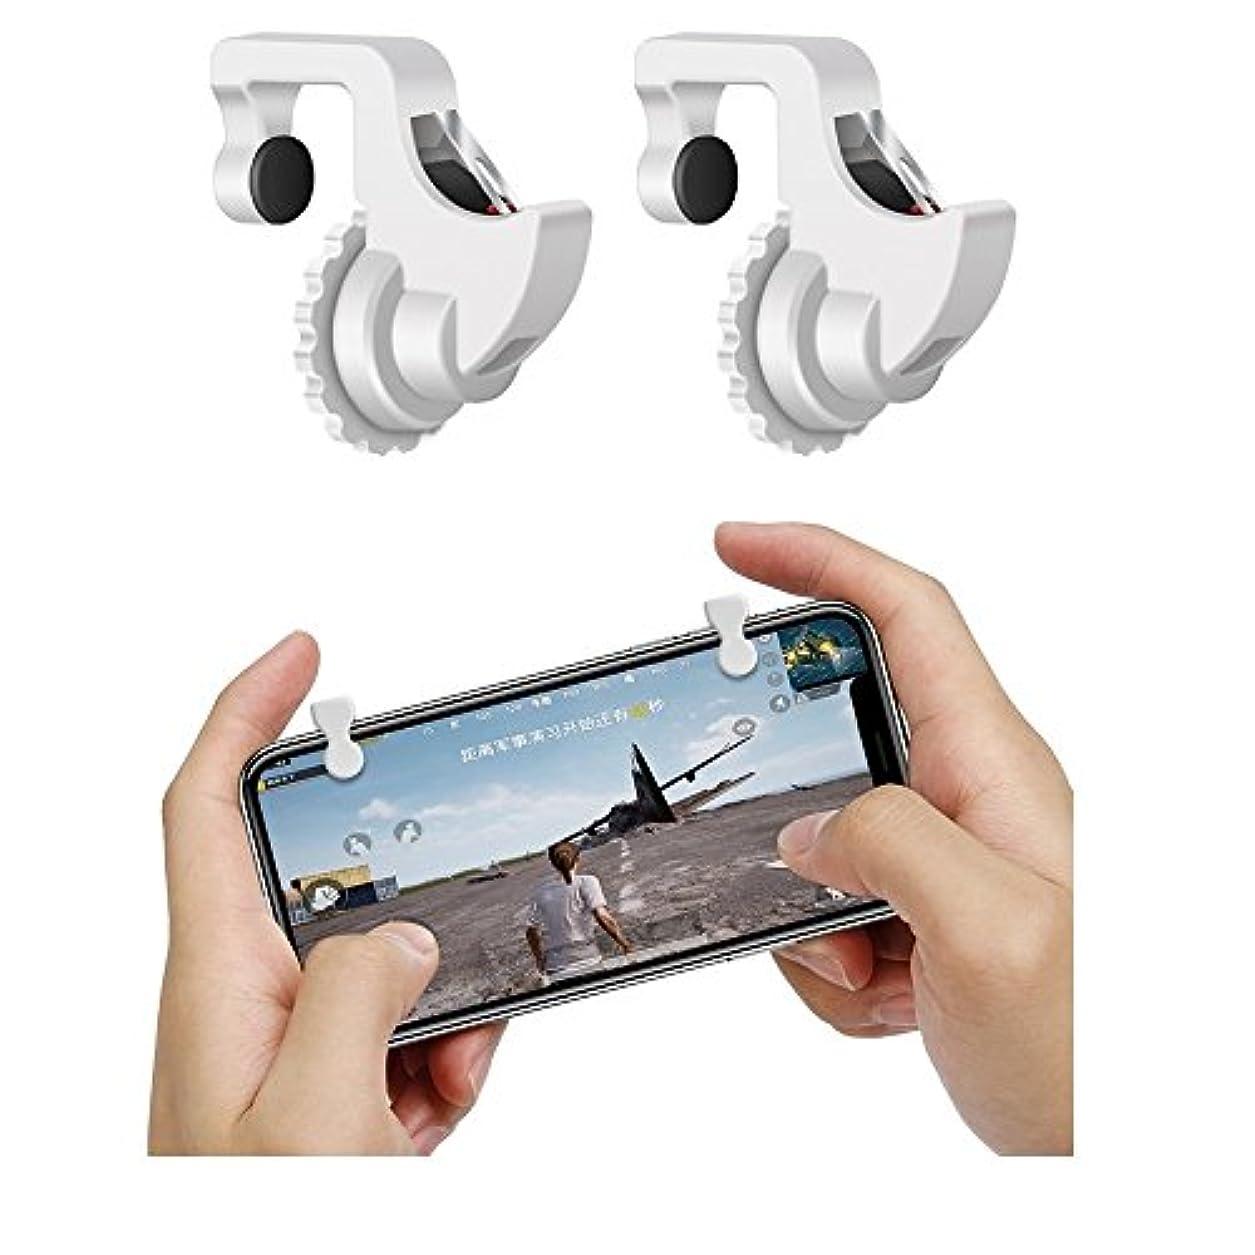 バーベキュー一貫性のない遠いLifepartner PUBG Mobile 荒野行動コントローラー 射撃ボタン スマホホルダー機能付き 押しボタン 感応射撃ボタン 人間工学設計 優れたゲーム体験を実現 iPhone/Android 各種ゲーム対応可能 ホワイト